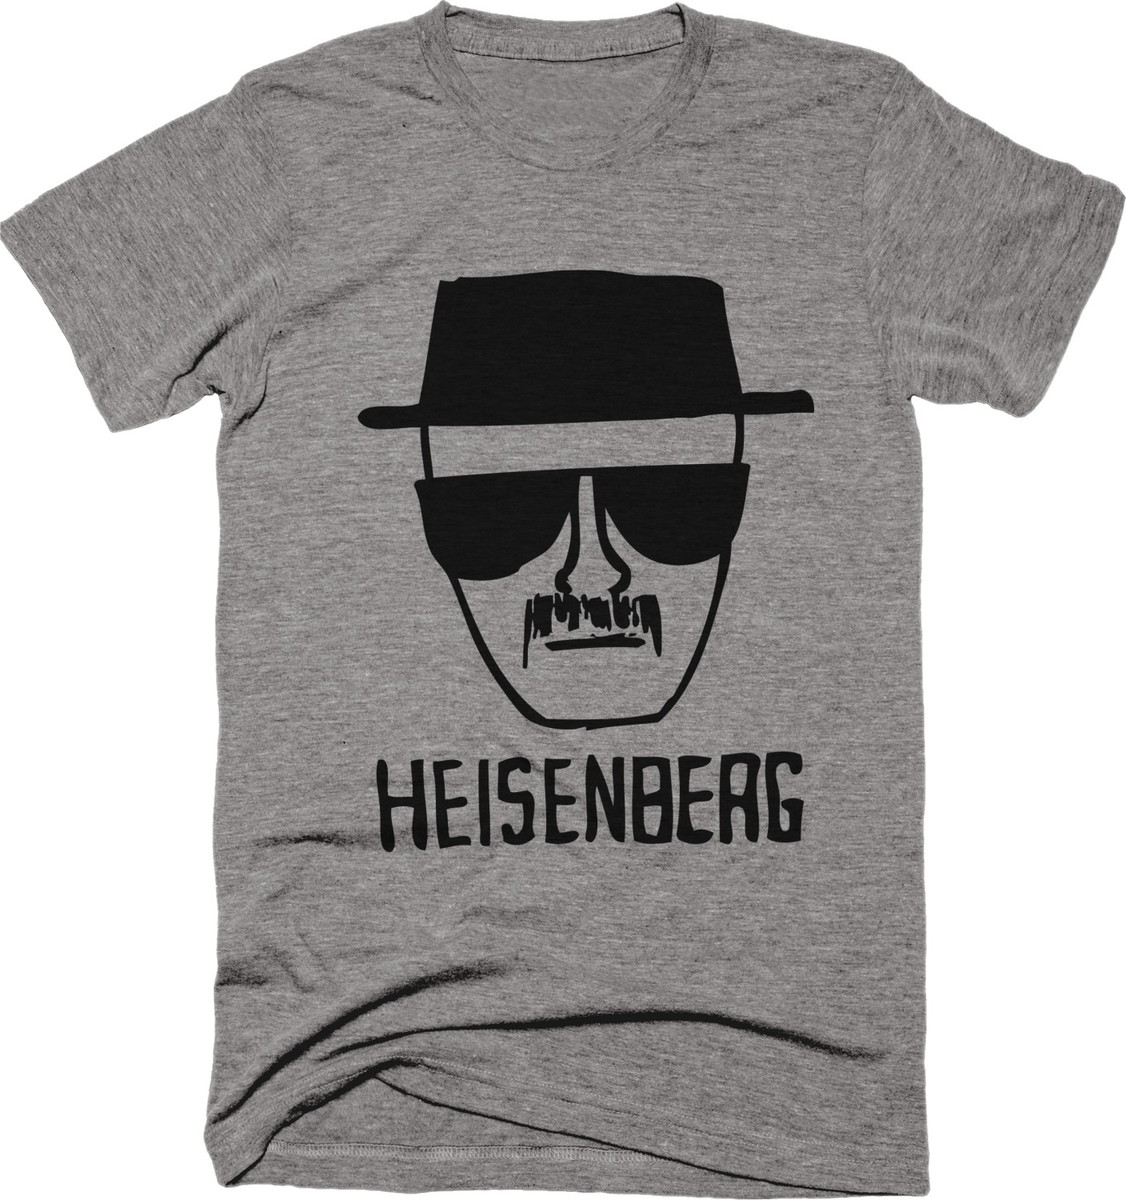 662bdd571 Camiseta Série Breaking Bad Heisenberg Cinza 01 no Elo7